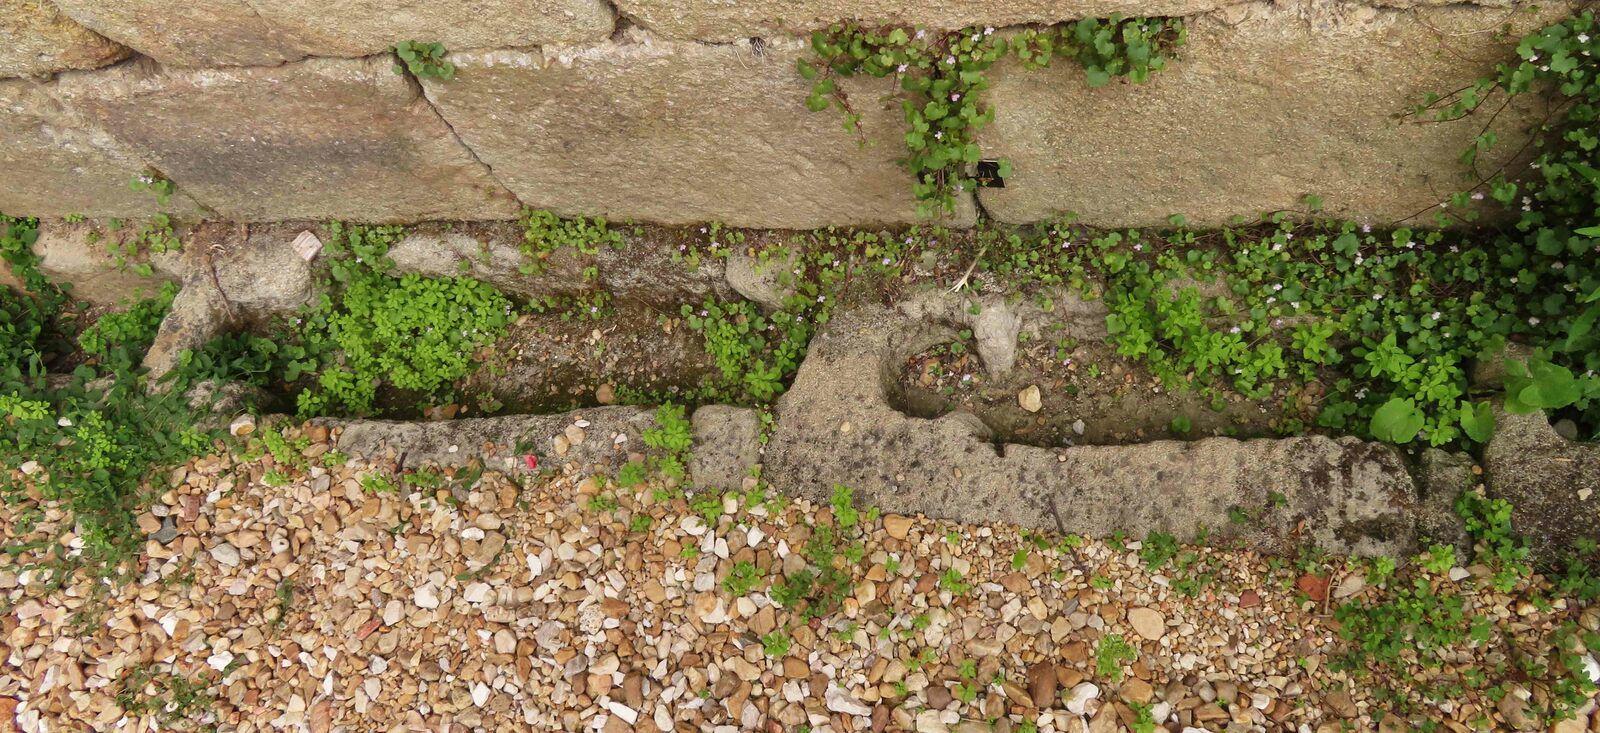 Au pied du mur de l'église de St Jean de Côme. Voir explication dans image suivante